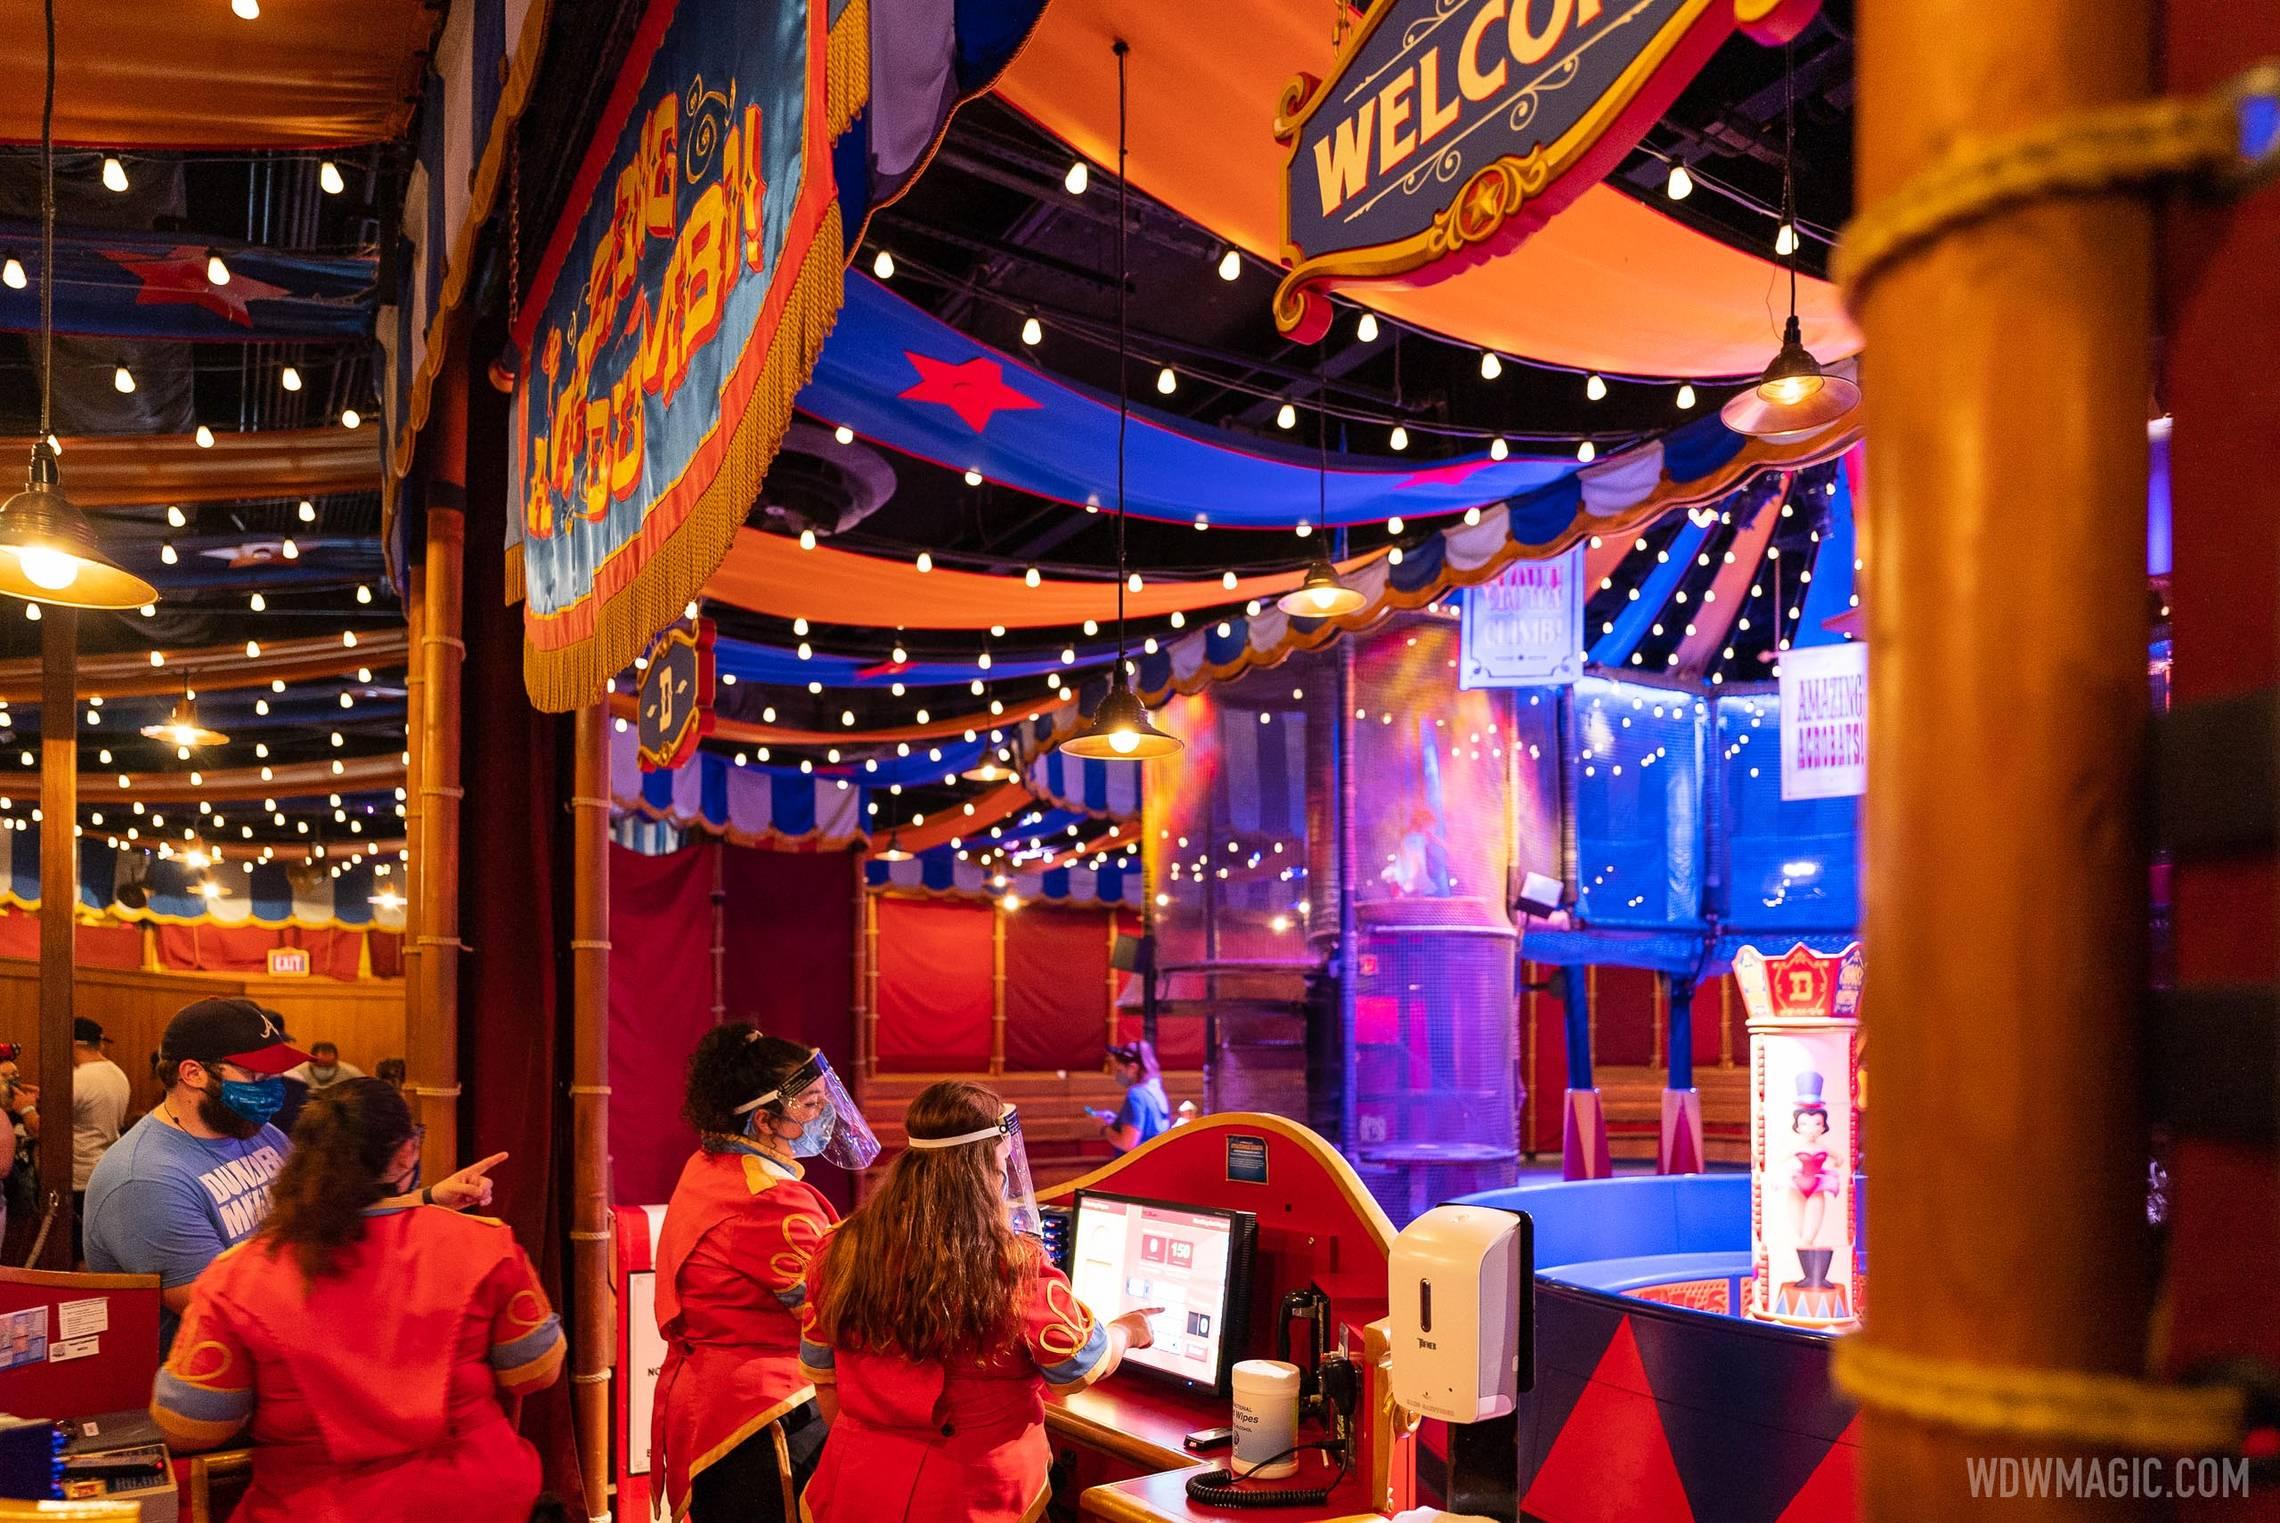 Dumbo queue indoor playground reopens - June 7 2021